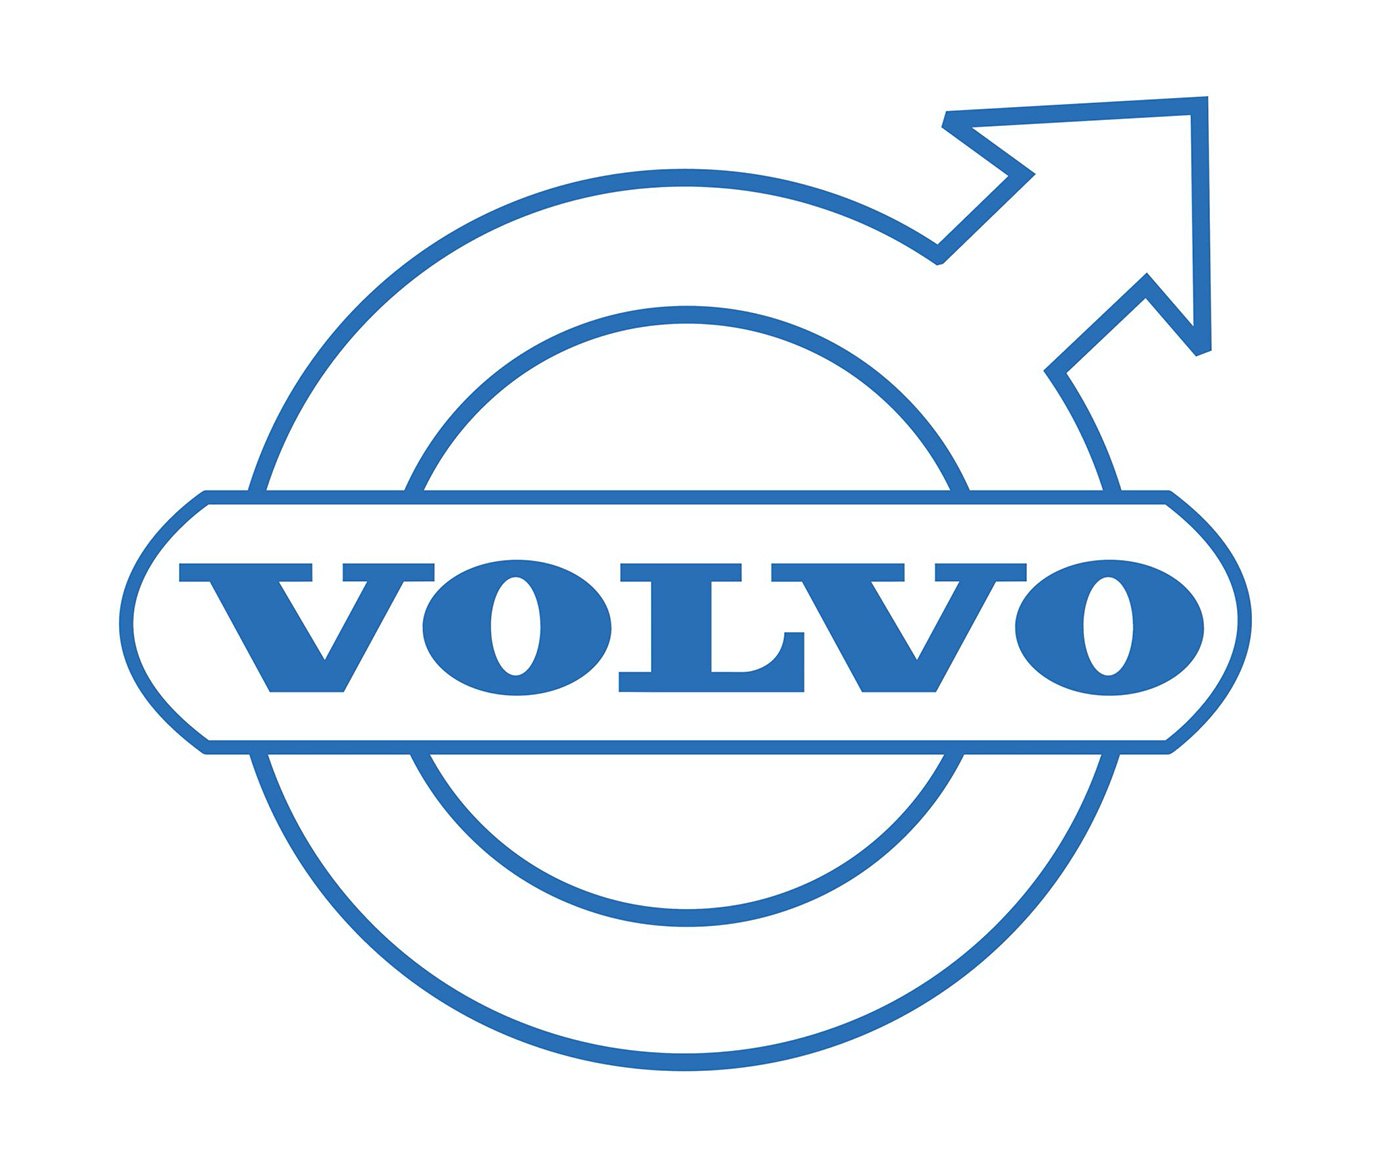 Volvo logo 1959-1999